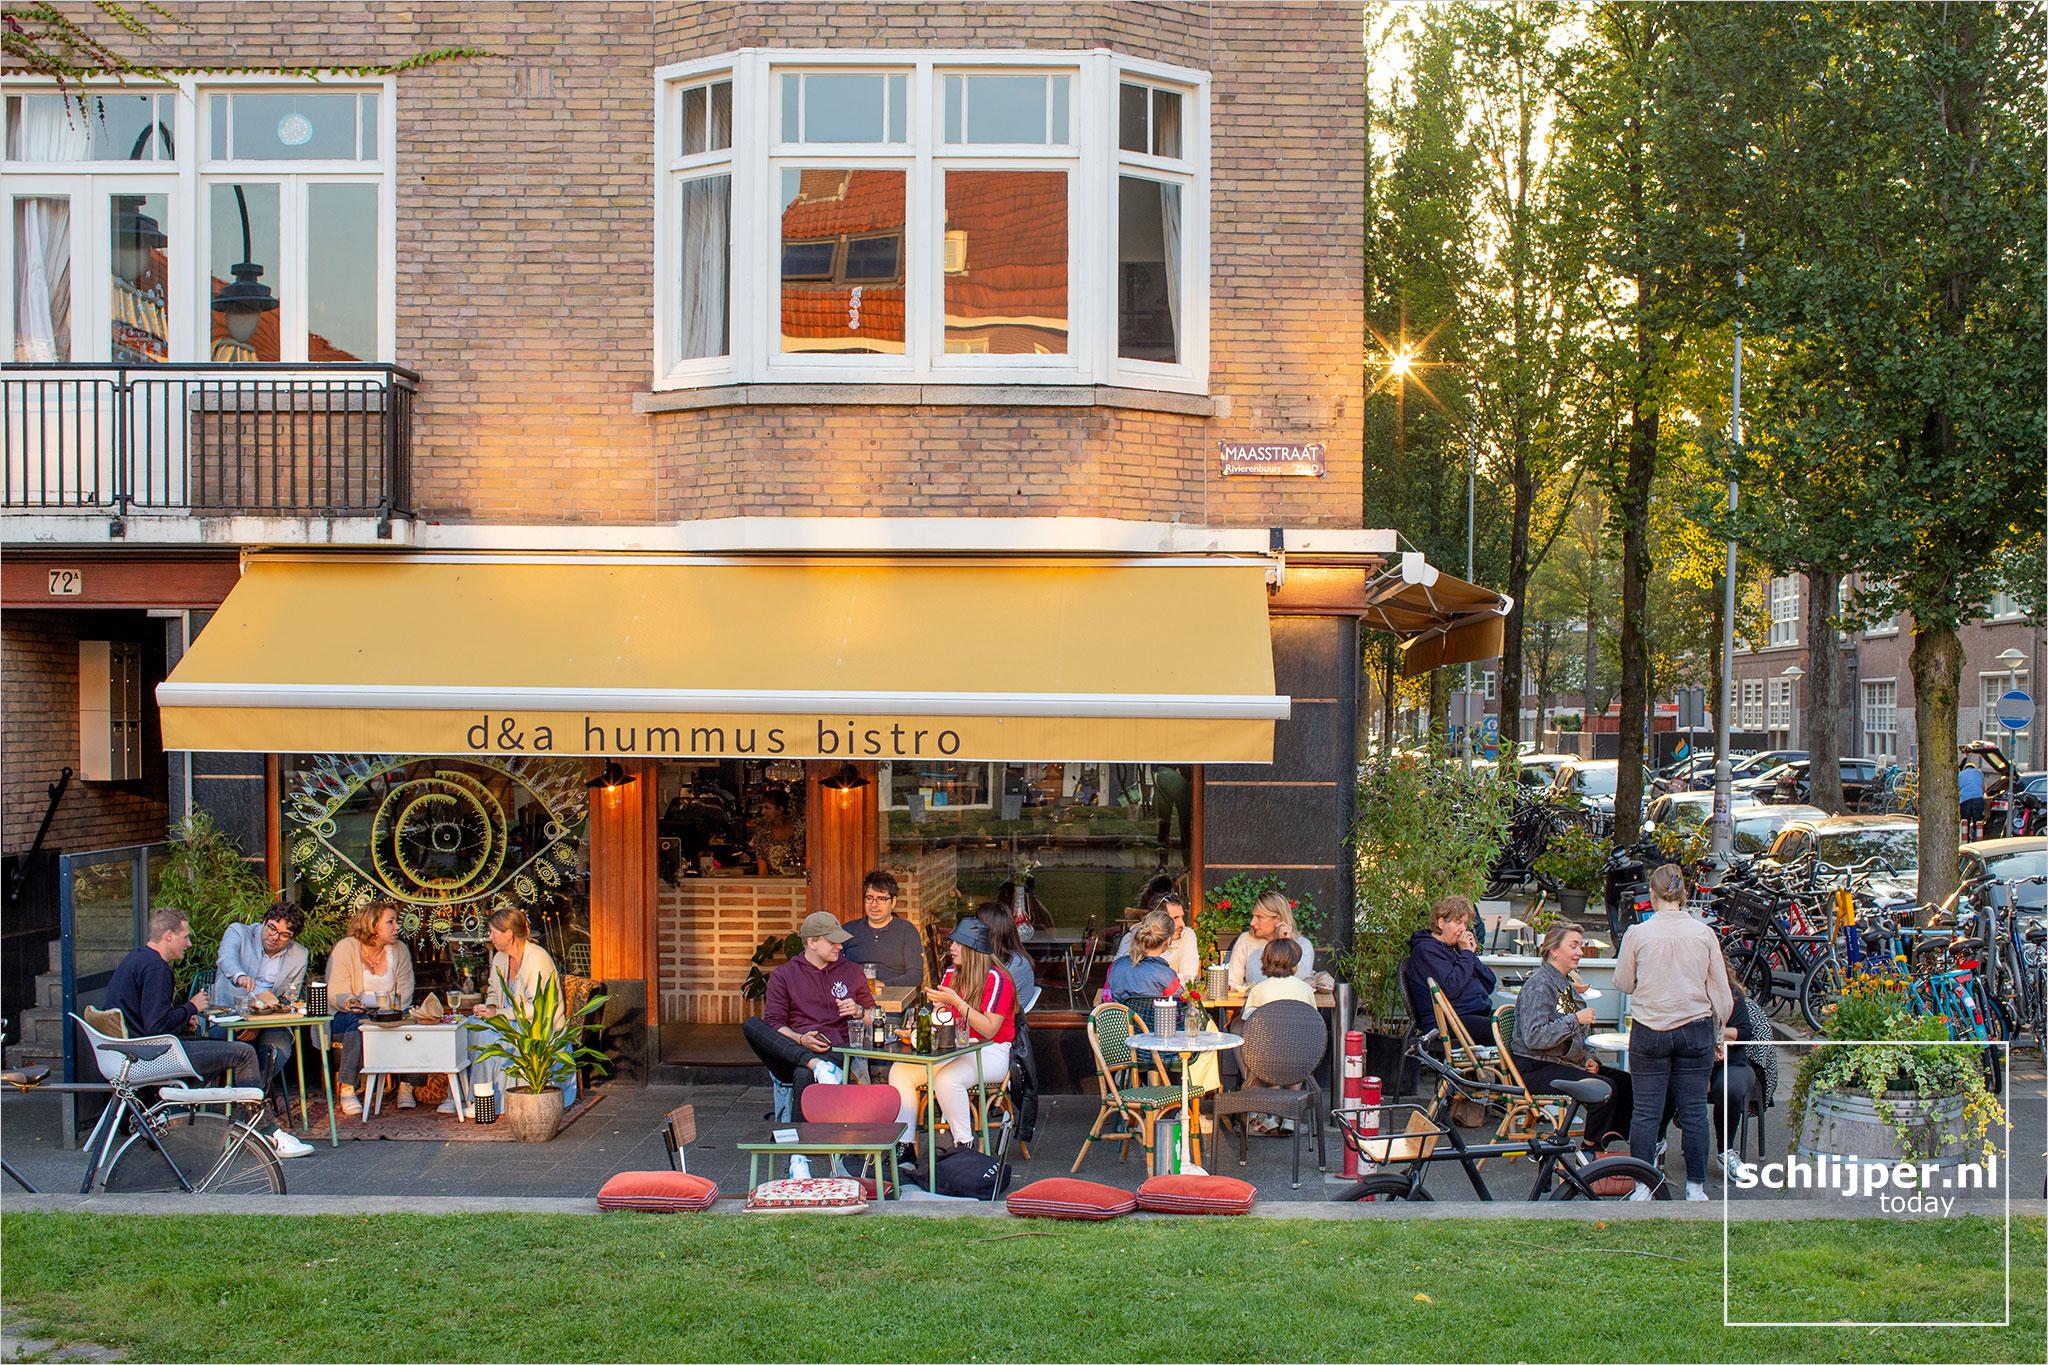 The Netherlands, Amsterdam, 22 september 2021